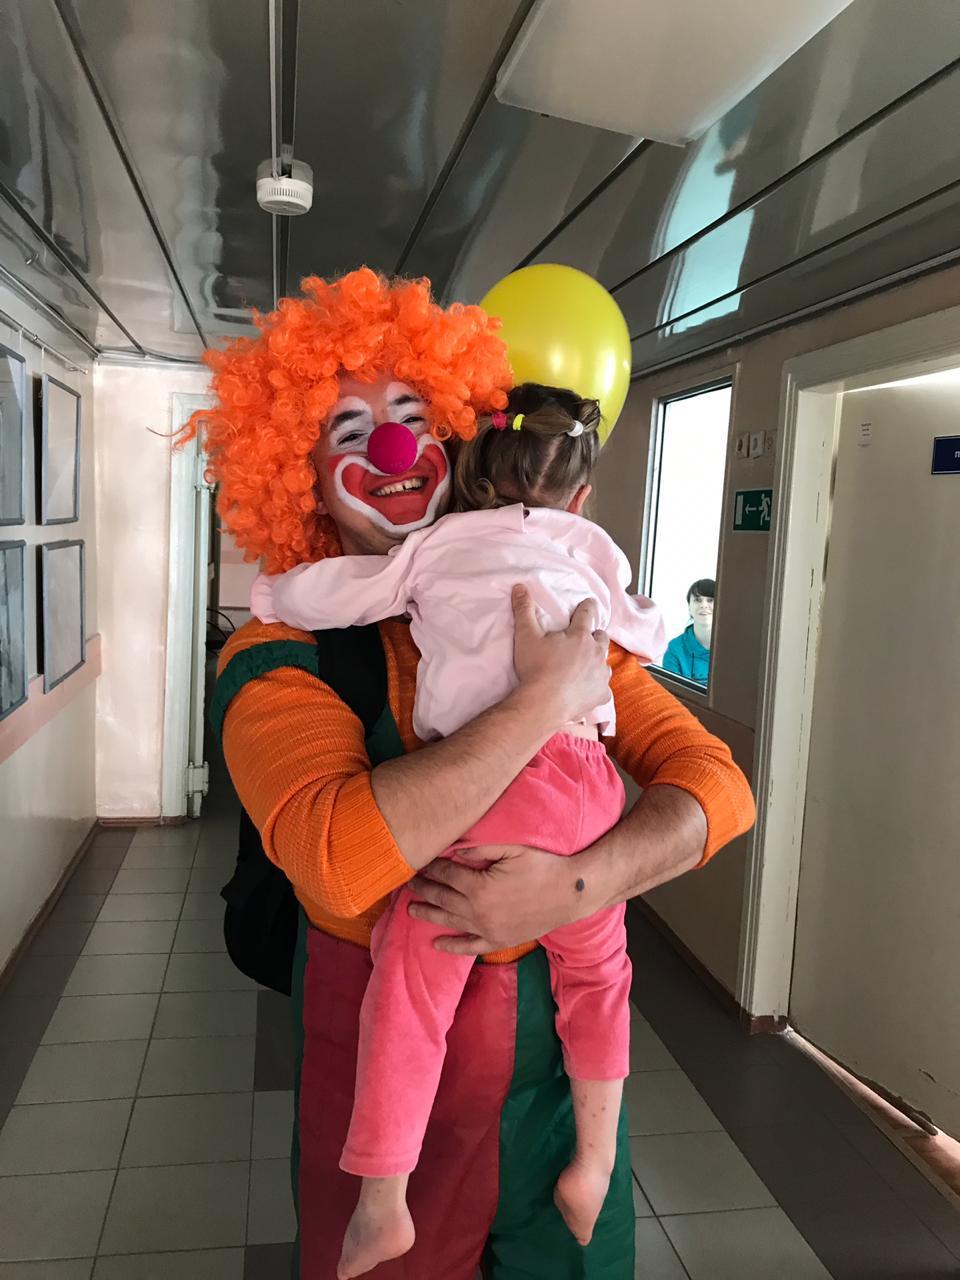 Ульяновские добряки провели праздник для пациентов больницы